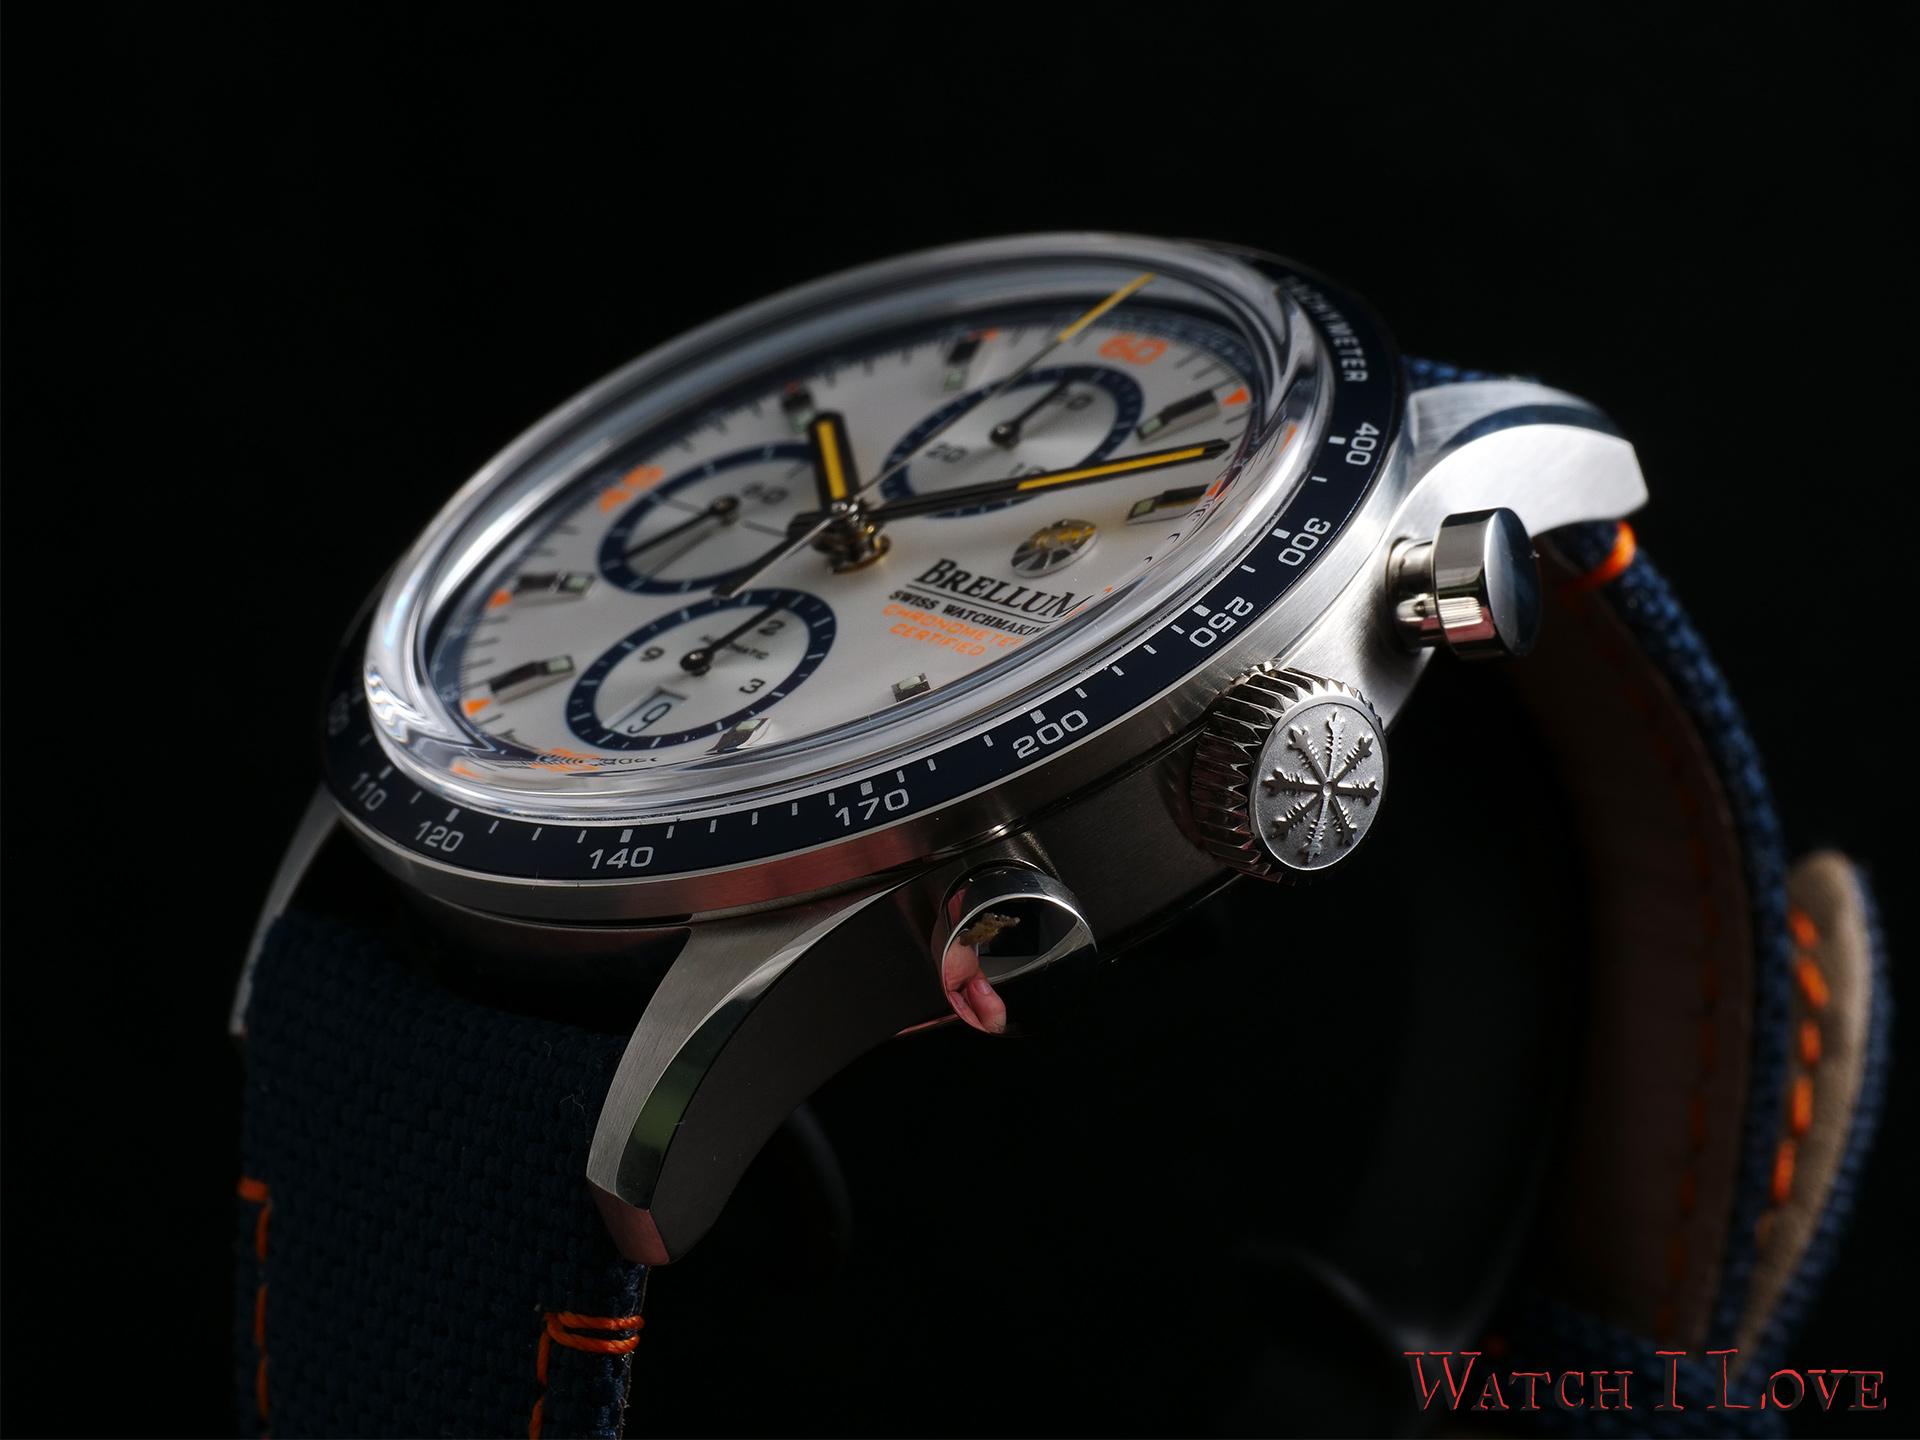 Brellum-Pandial-Marina-2-Chronometer-soldat-oblique-crown